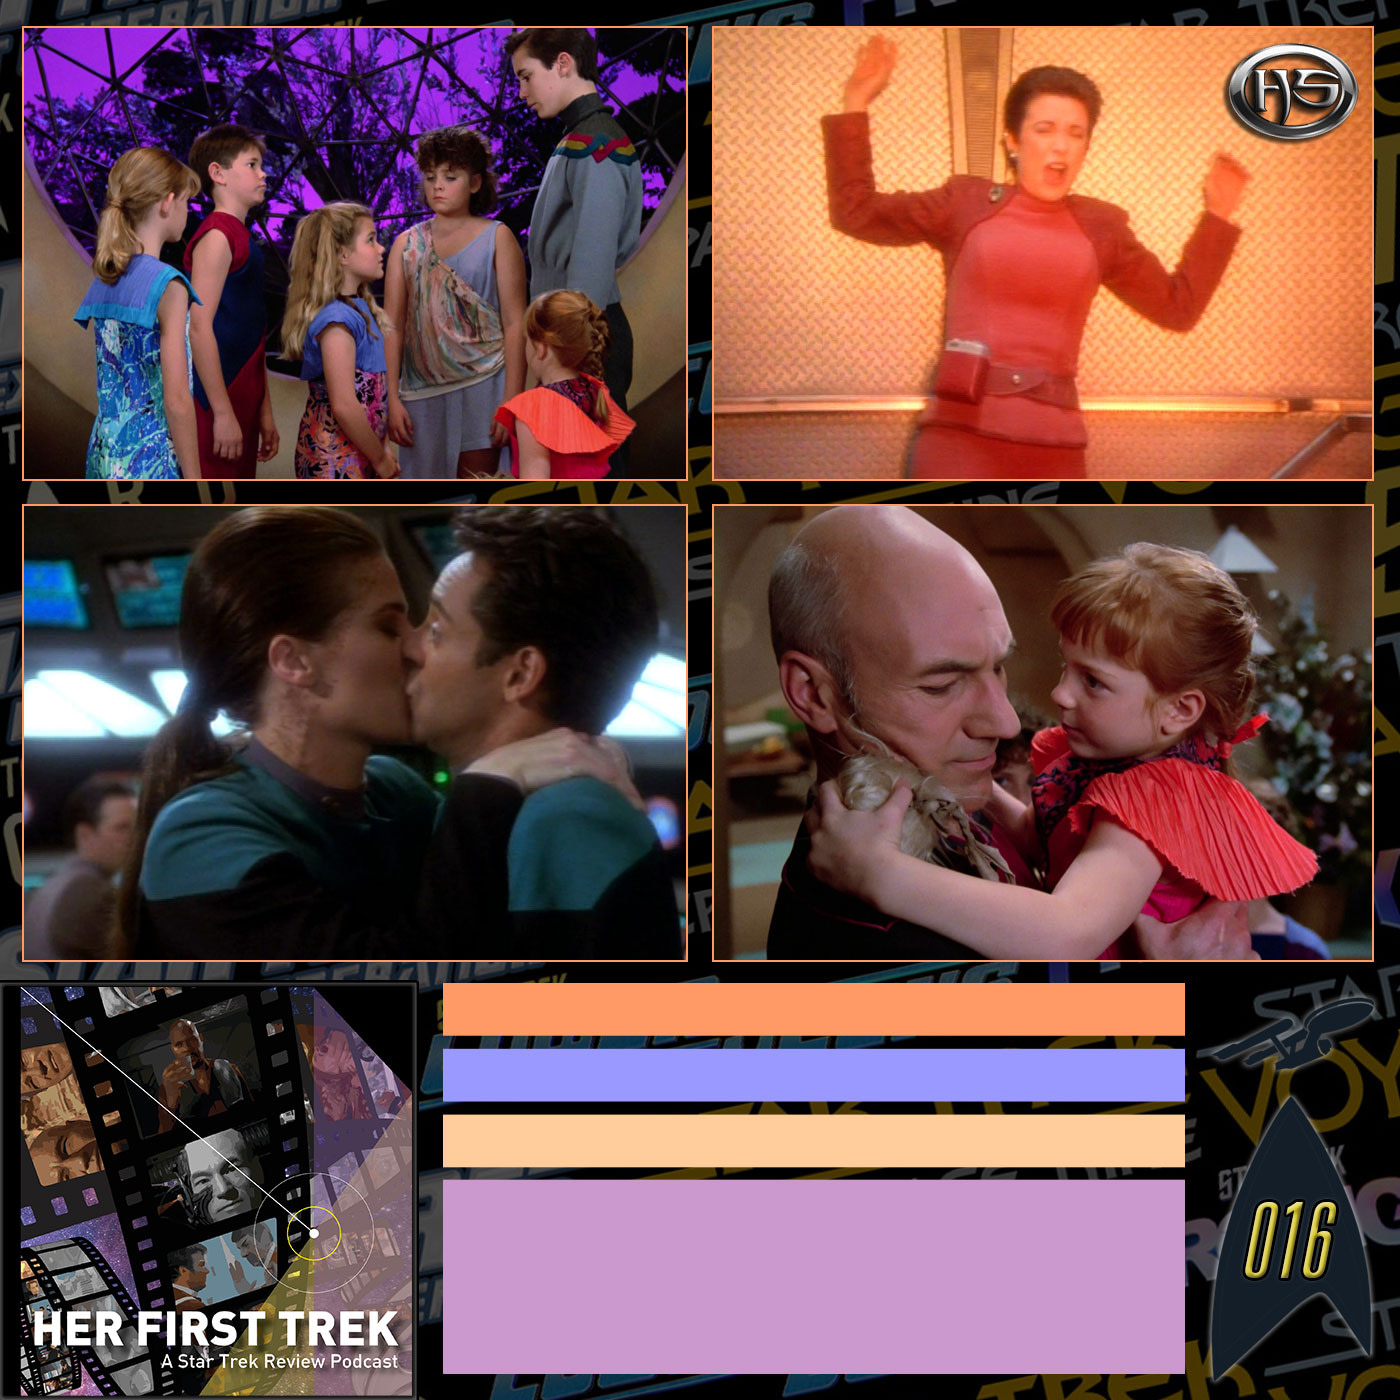 Her First Trek Episode 16